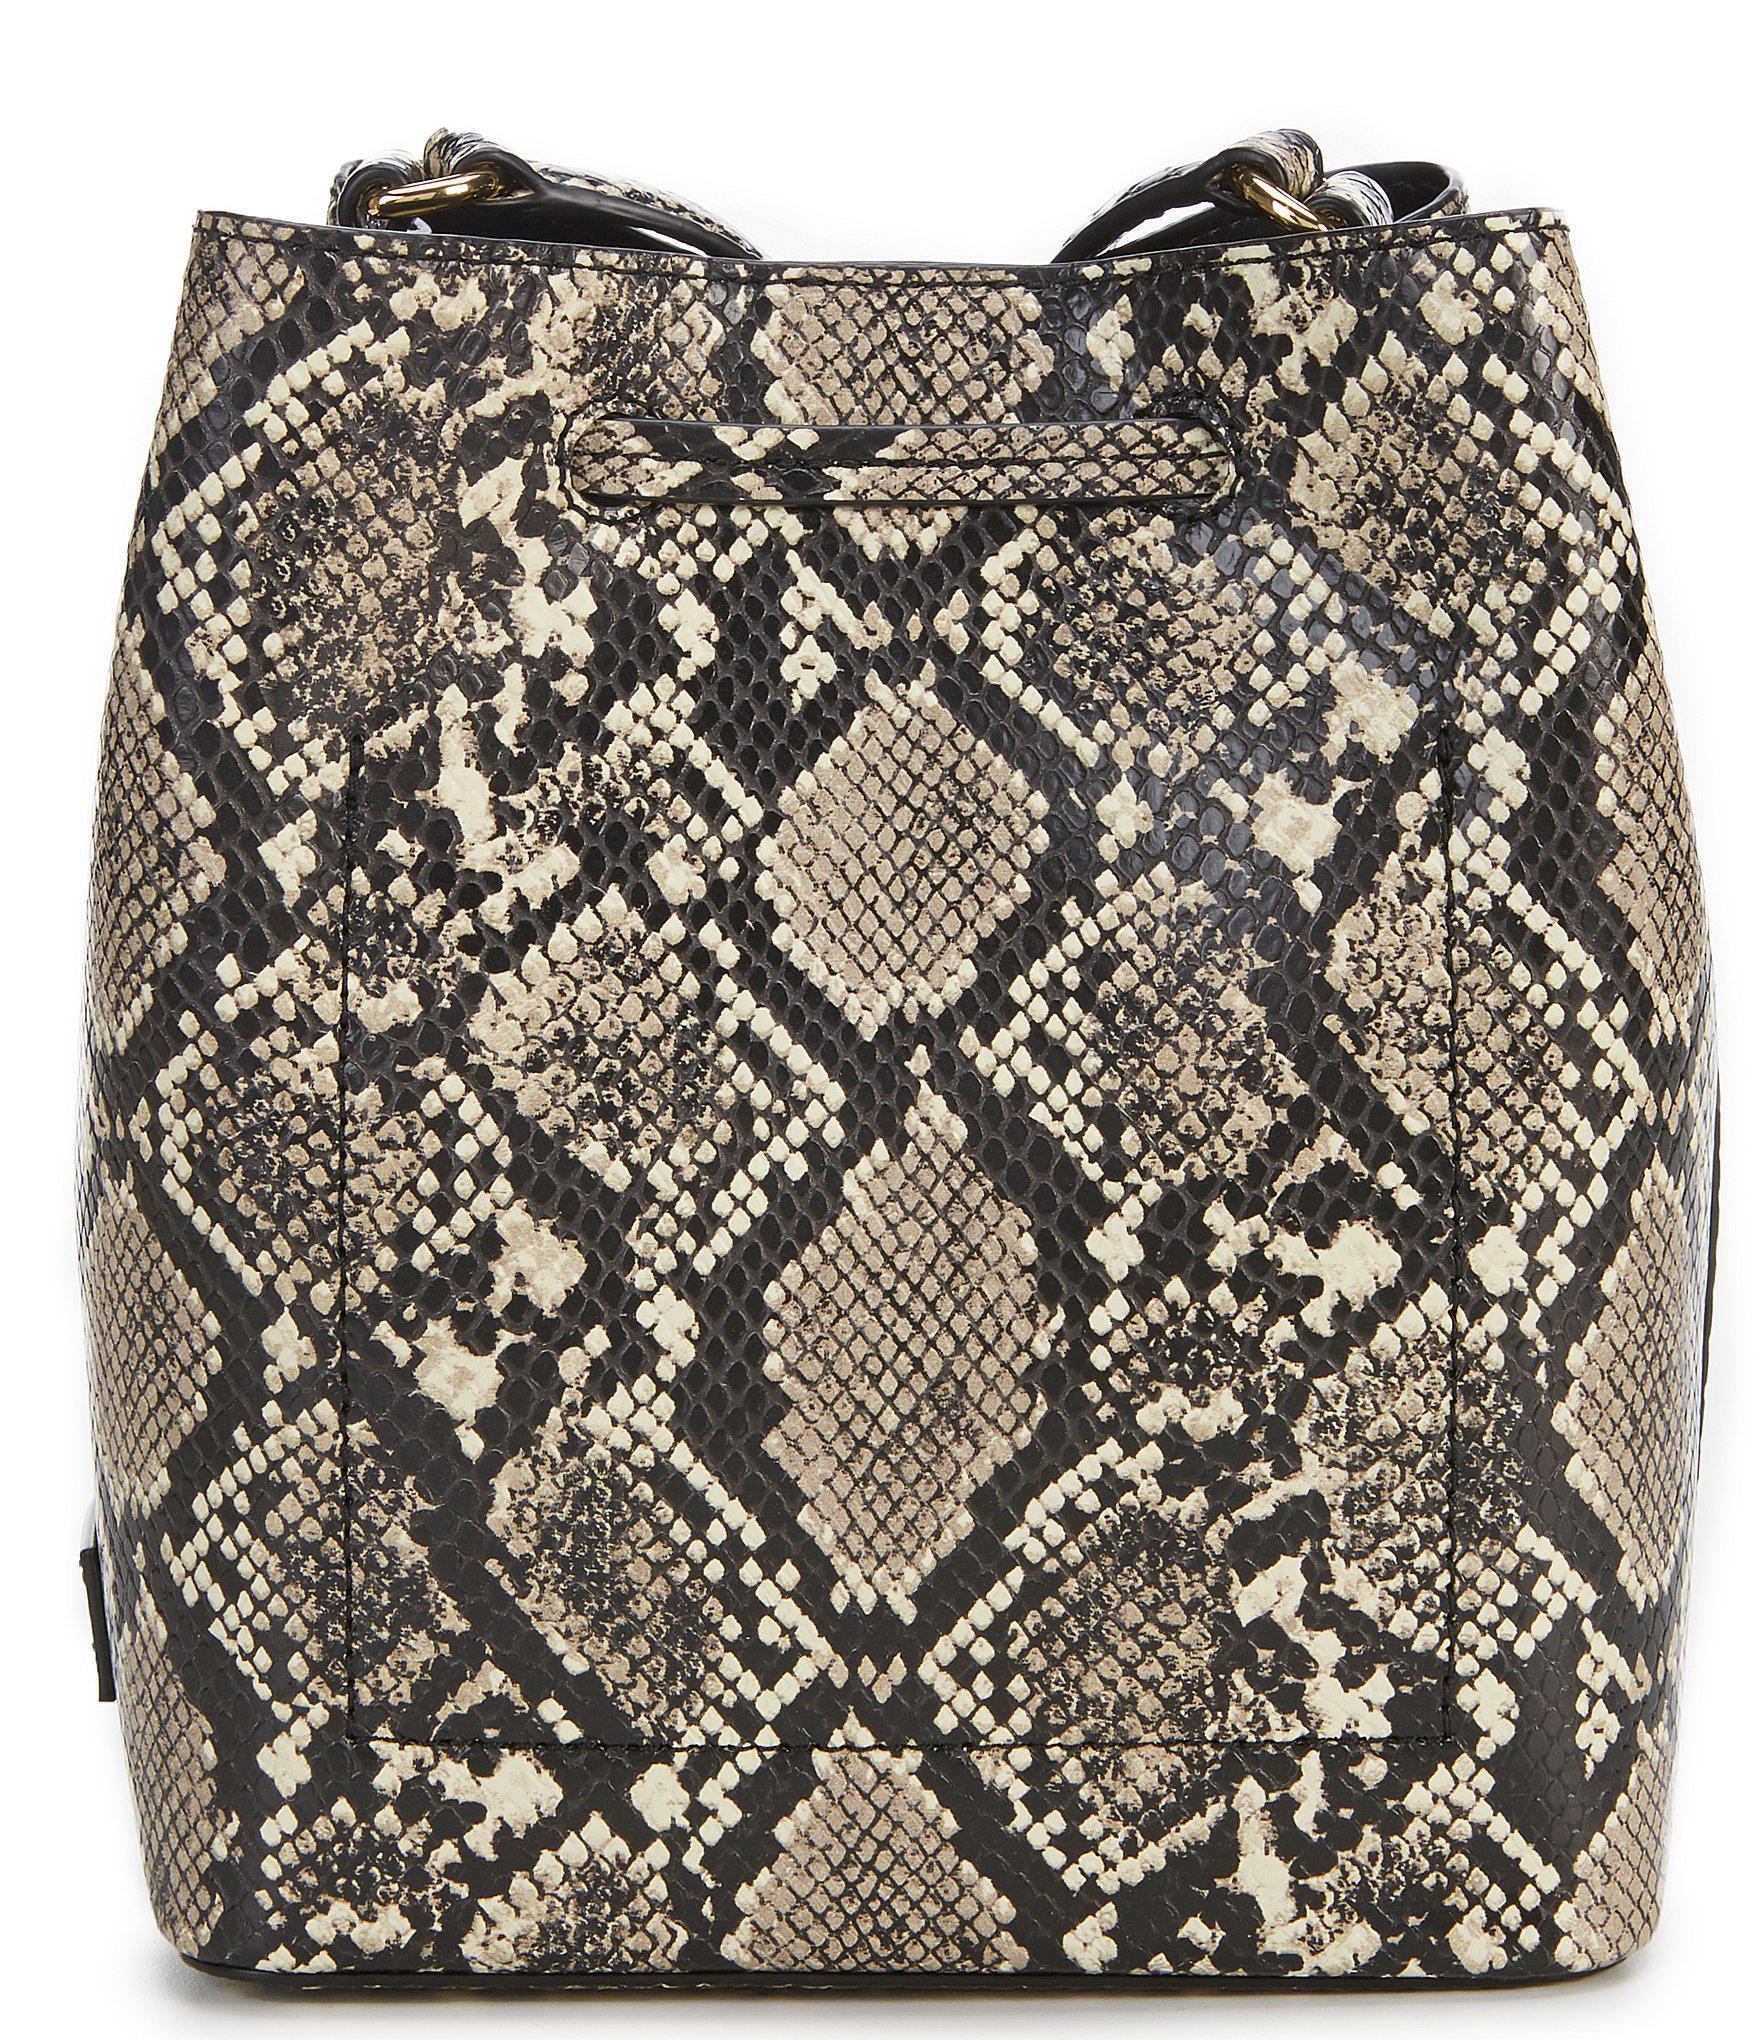 2292830a6d1c Lauren by Ralph Lauren - Black Mini Debby Snake-embossed Drawstring Bag -  Lyst. View fullscreen